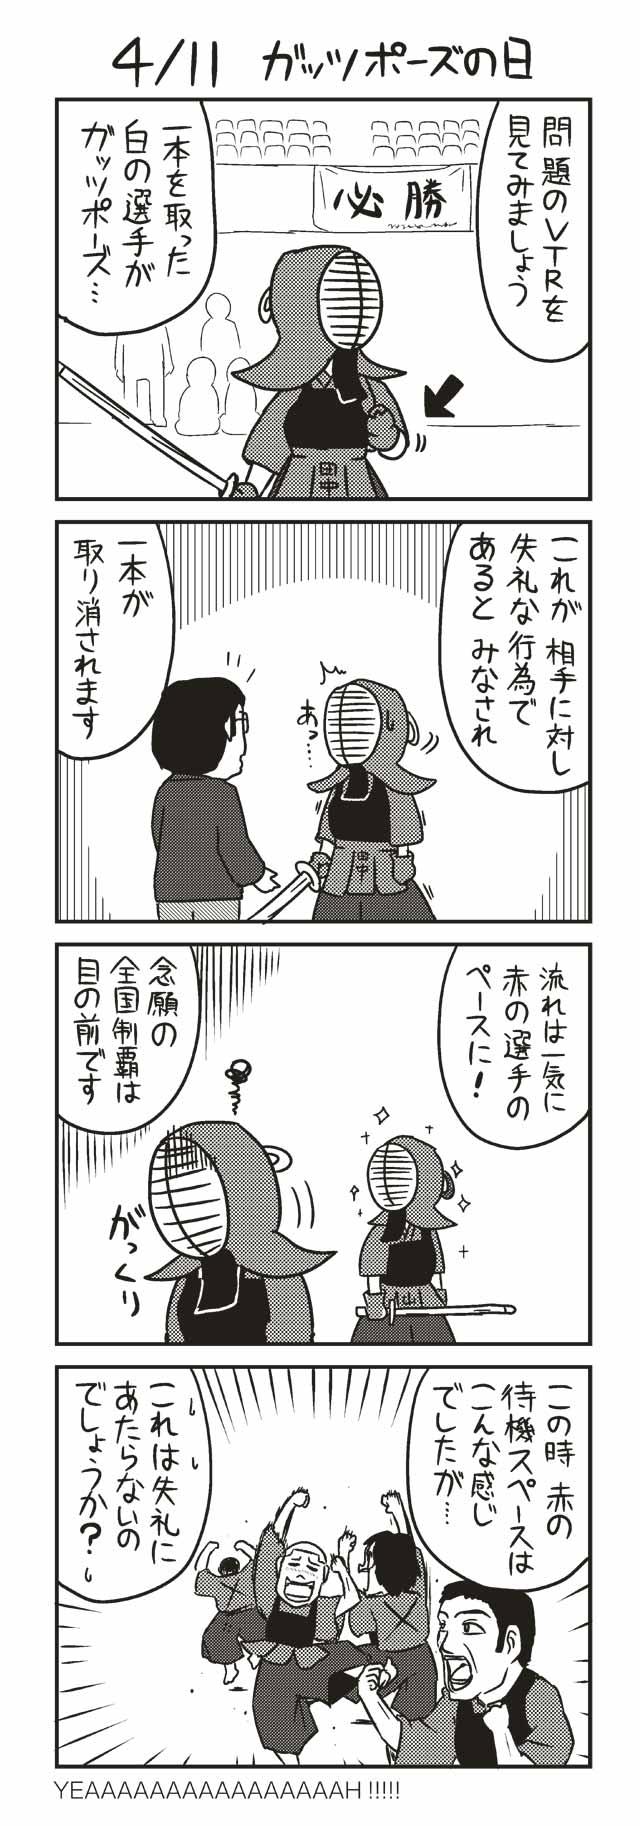 4/11 ガッツポーズの日 『ノヒマンガ』 ポン